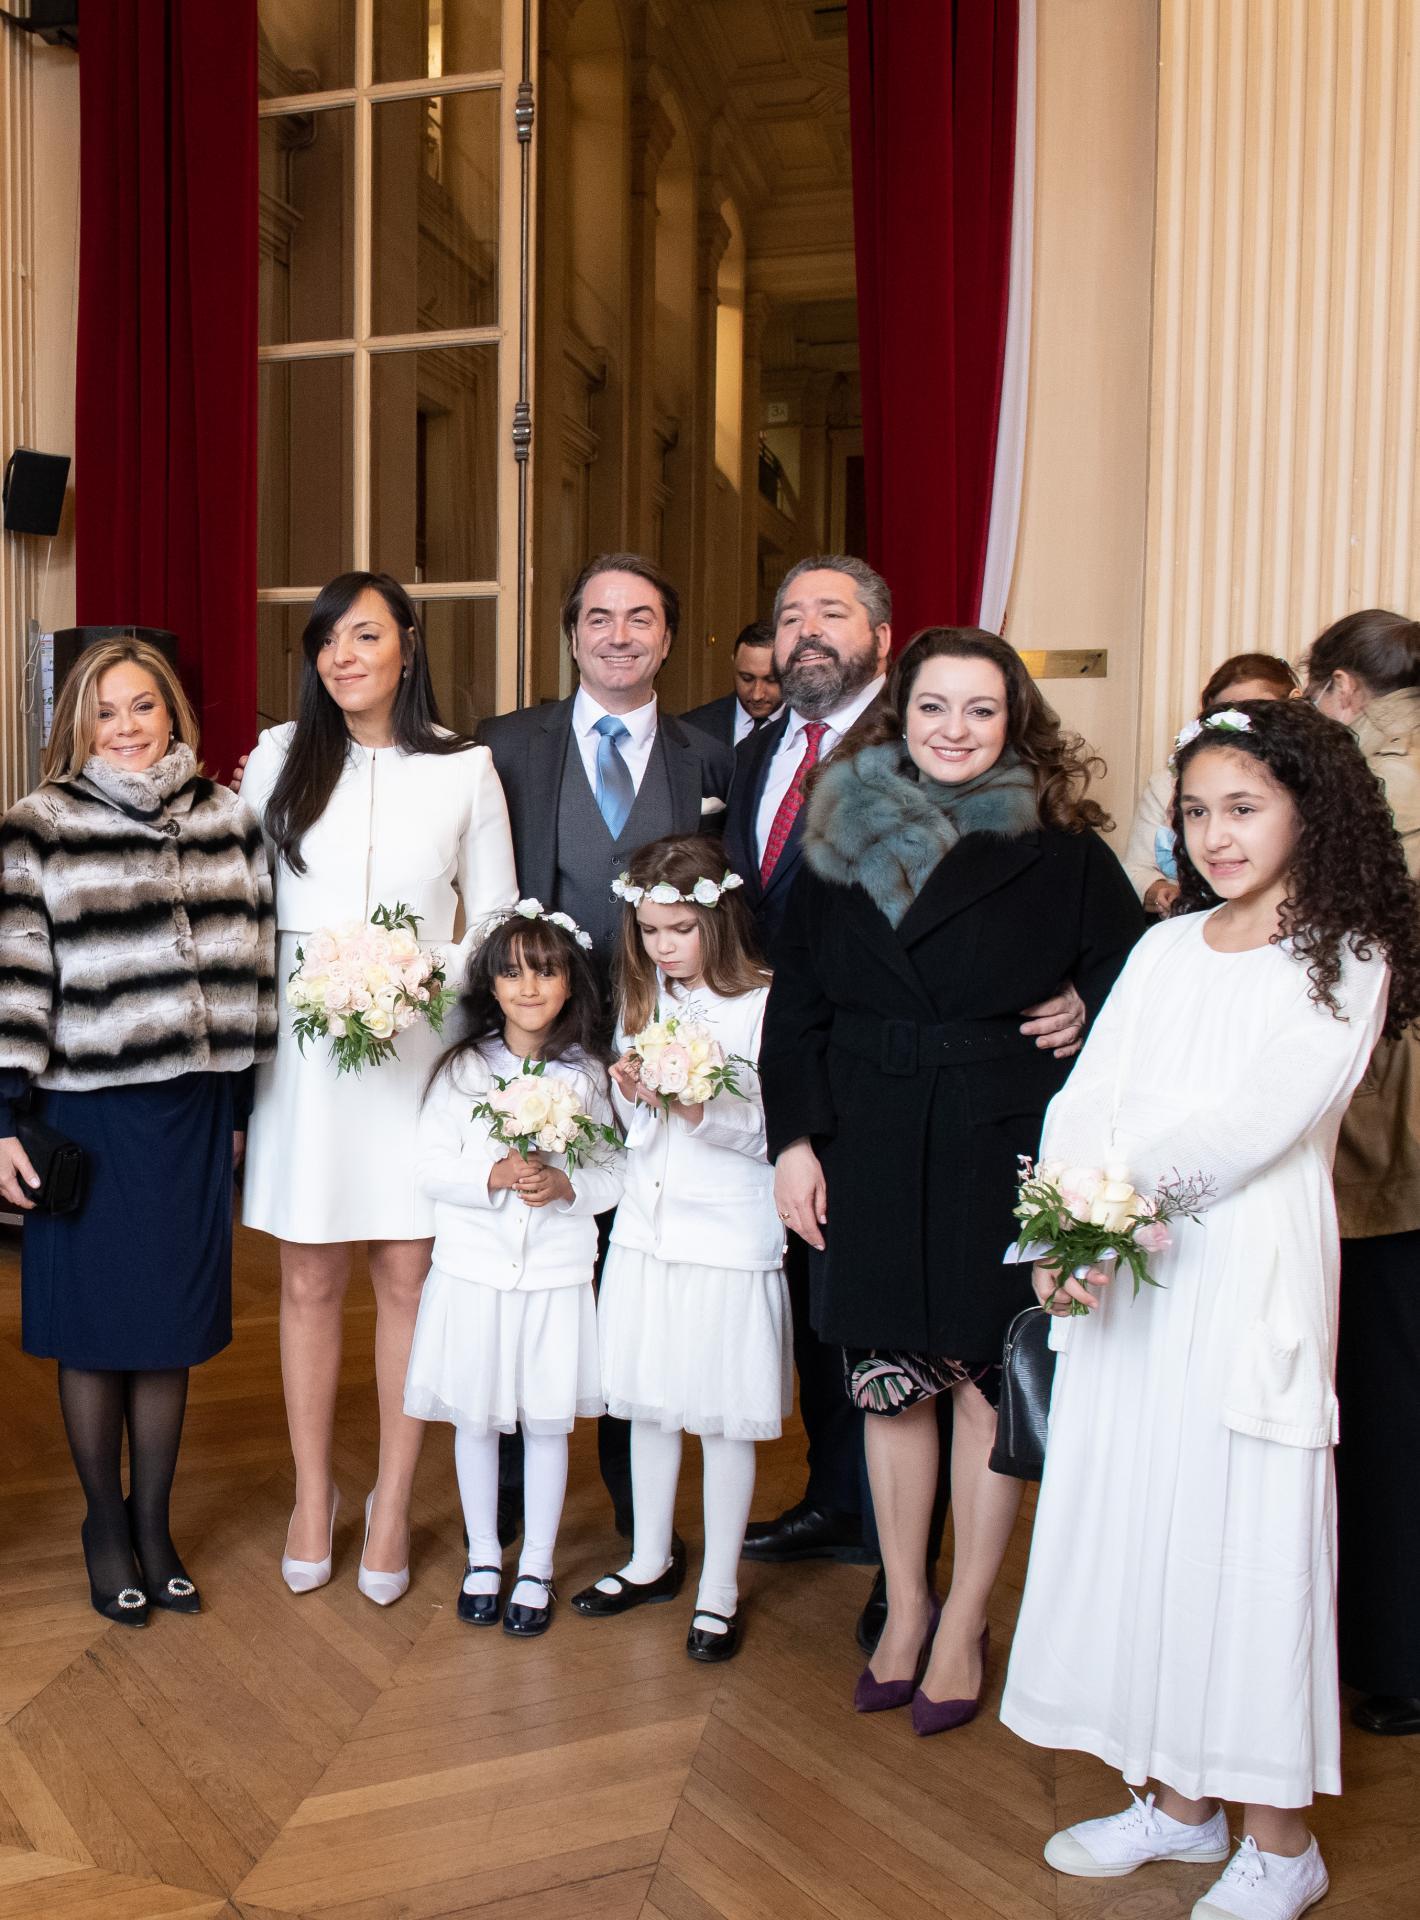 Princesse Murat, Yasmine, Joachim, Grand Duc Georges de Russie, Rebecca Bettarini, Angelina Bouglione. Photos Maison royale droits réservés FDN